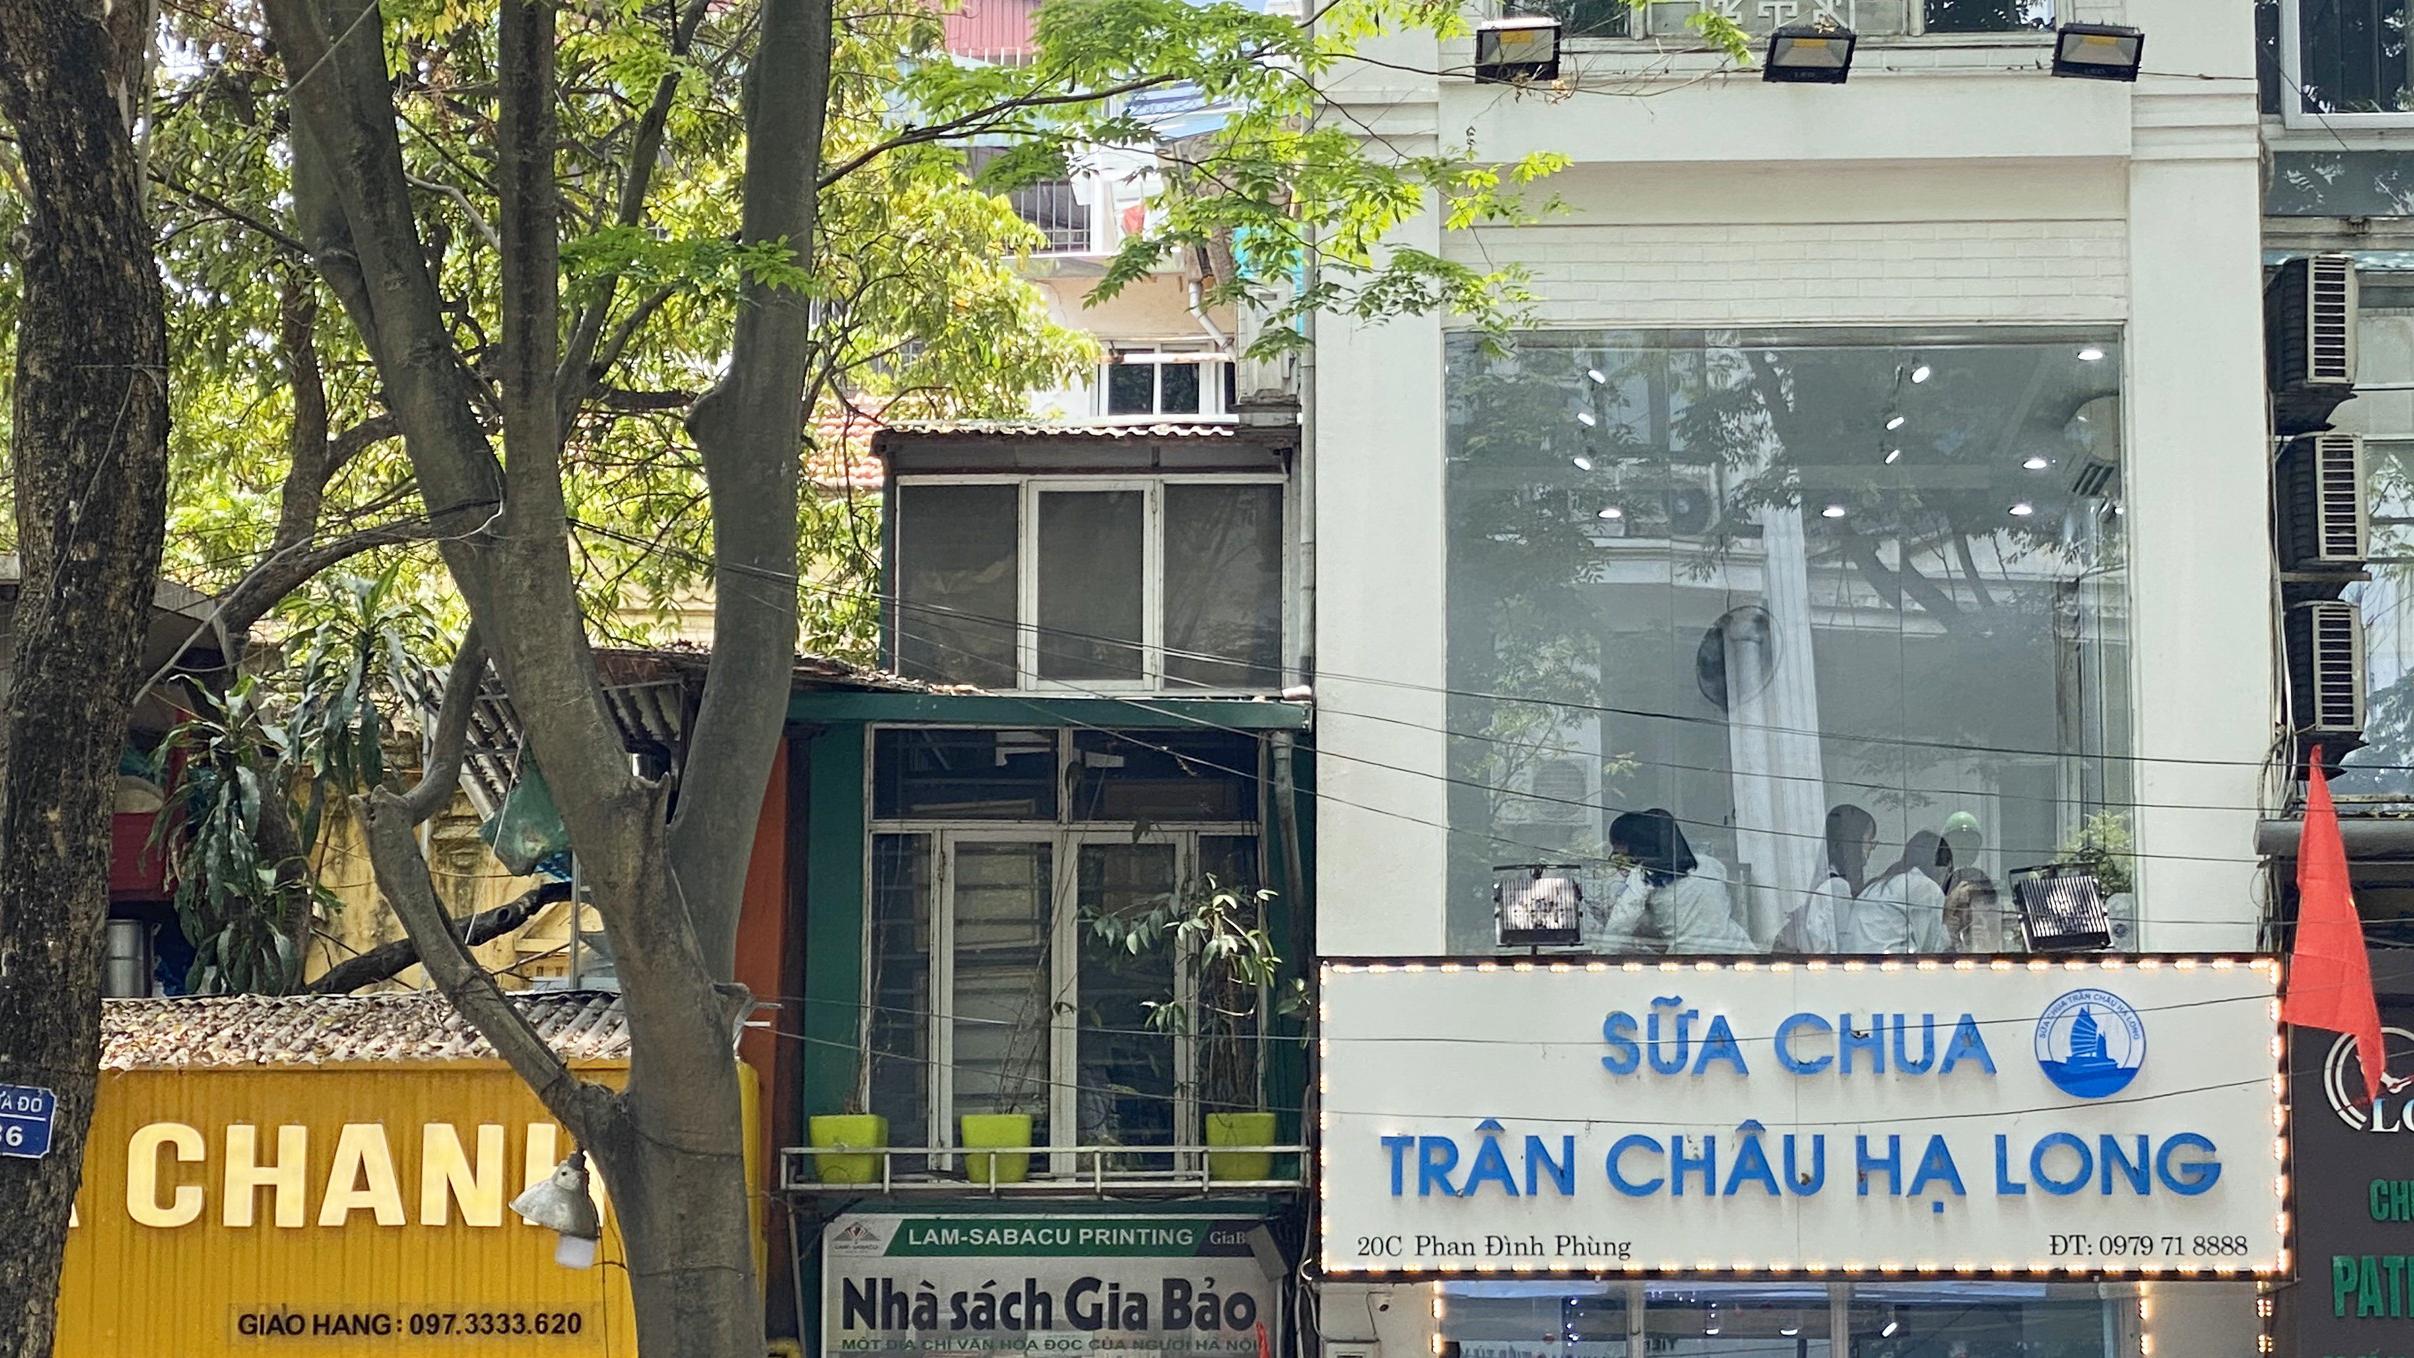 Những ngày đầu hè, người dân đã rủ nhau đến tiệm kem nức tiếng của Hà Nội để hạ nhiệt - Ảnh 8.